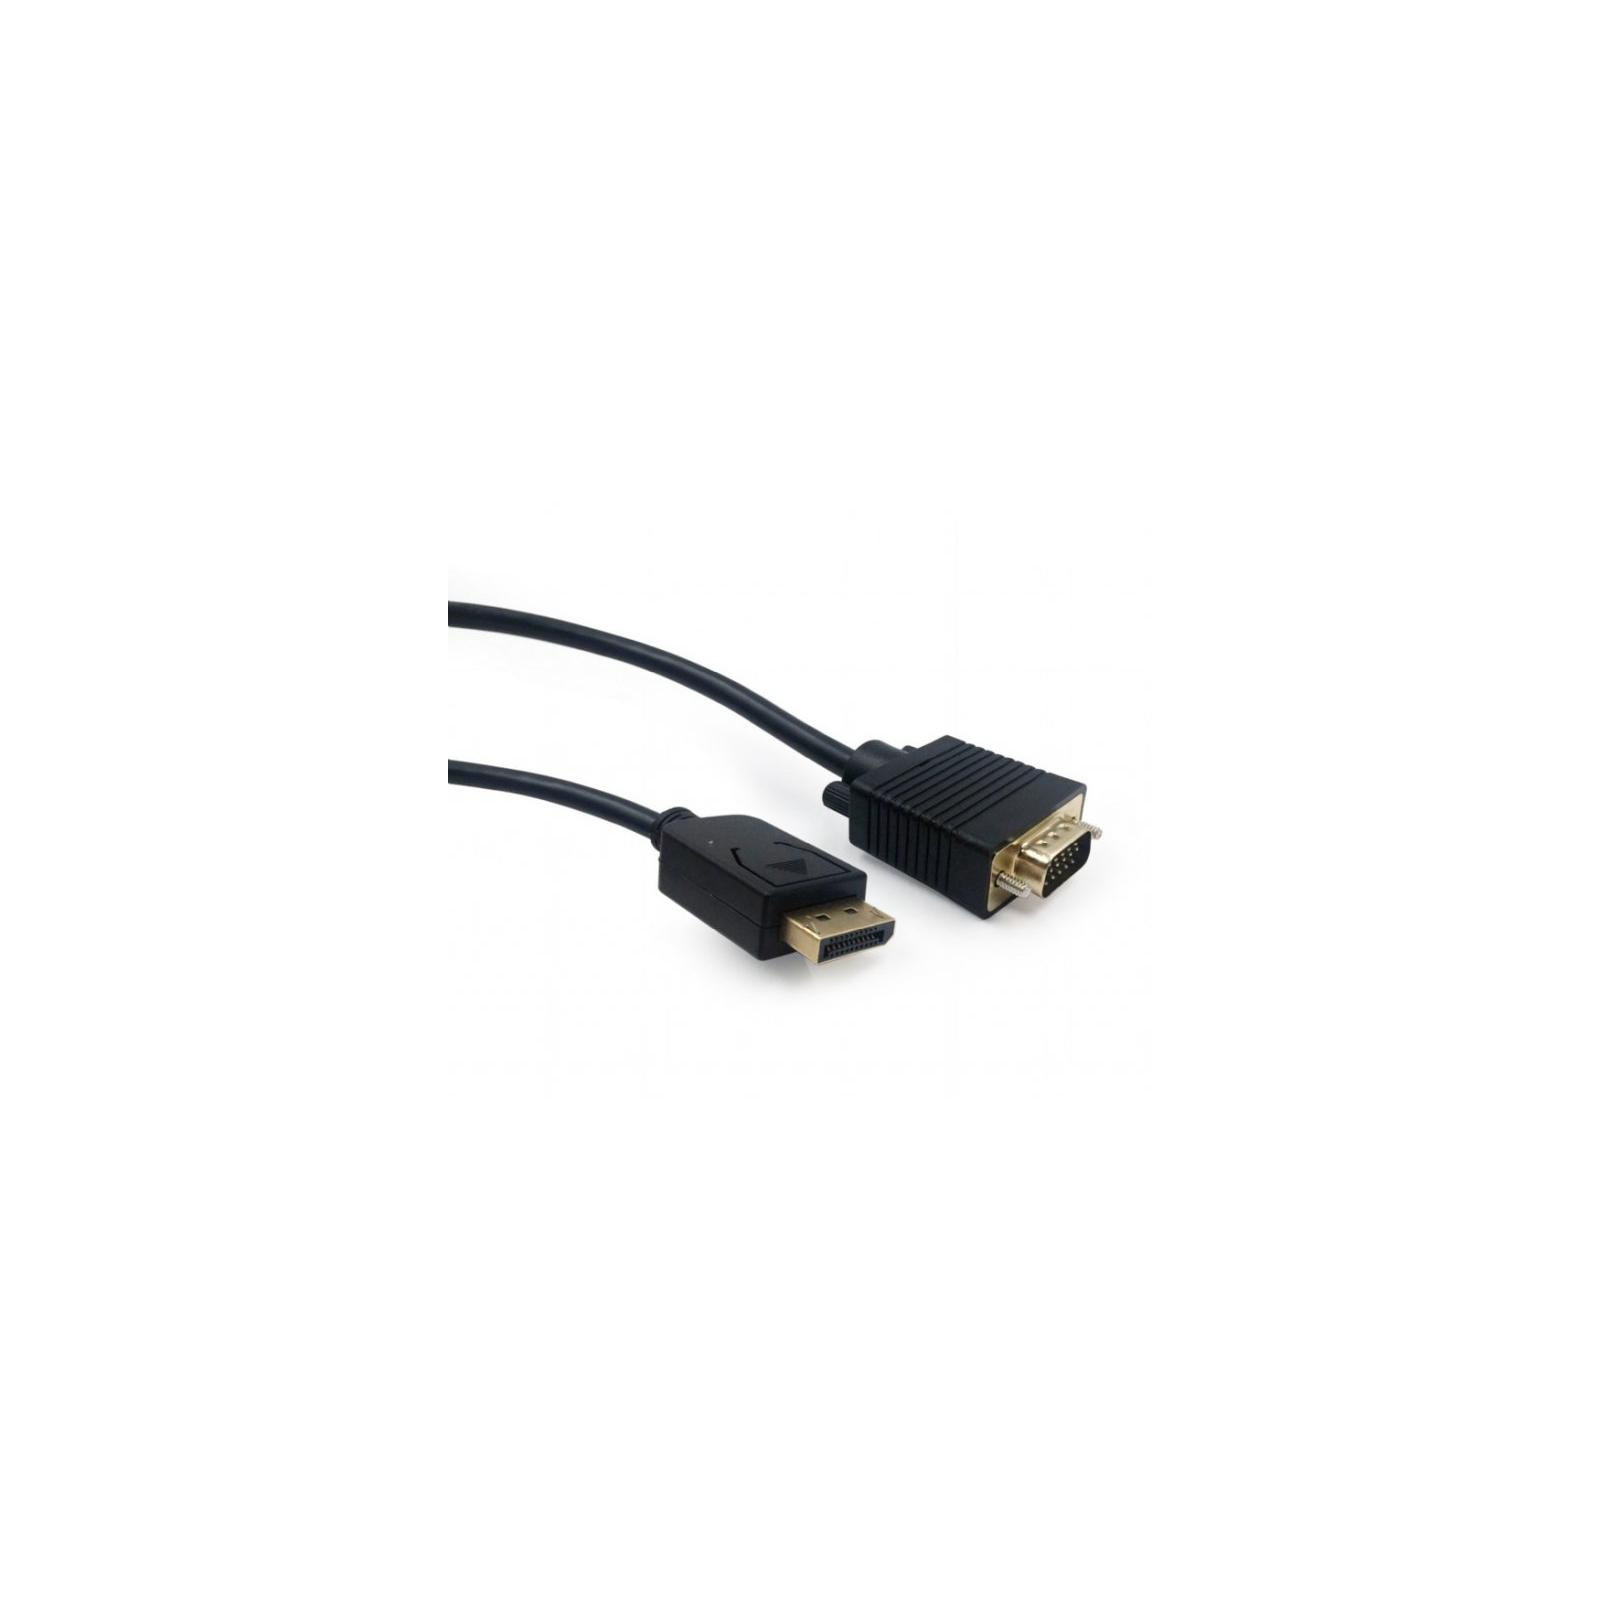 Кабель мультимедийный DisplayPort to VGA Cablexpert (CCP-DPM-VGAM-10)